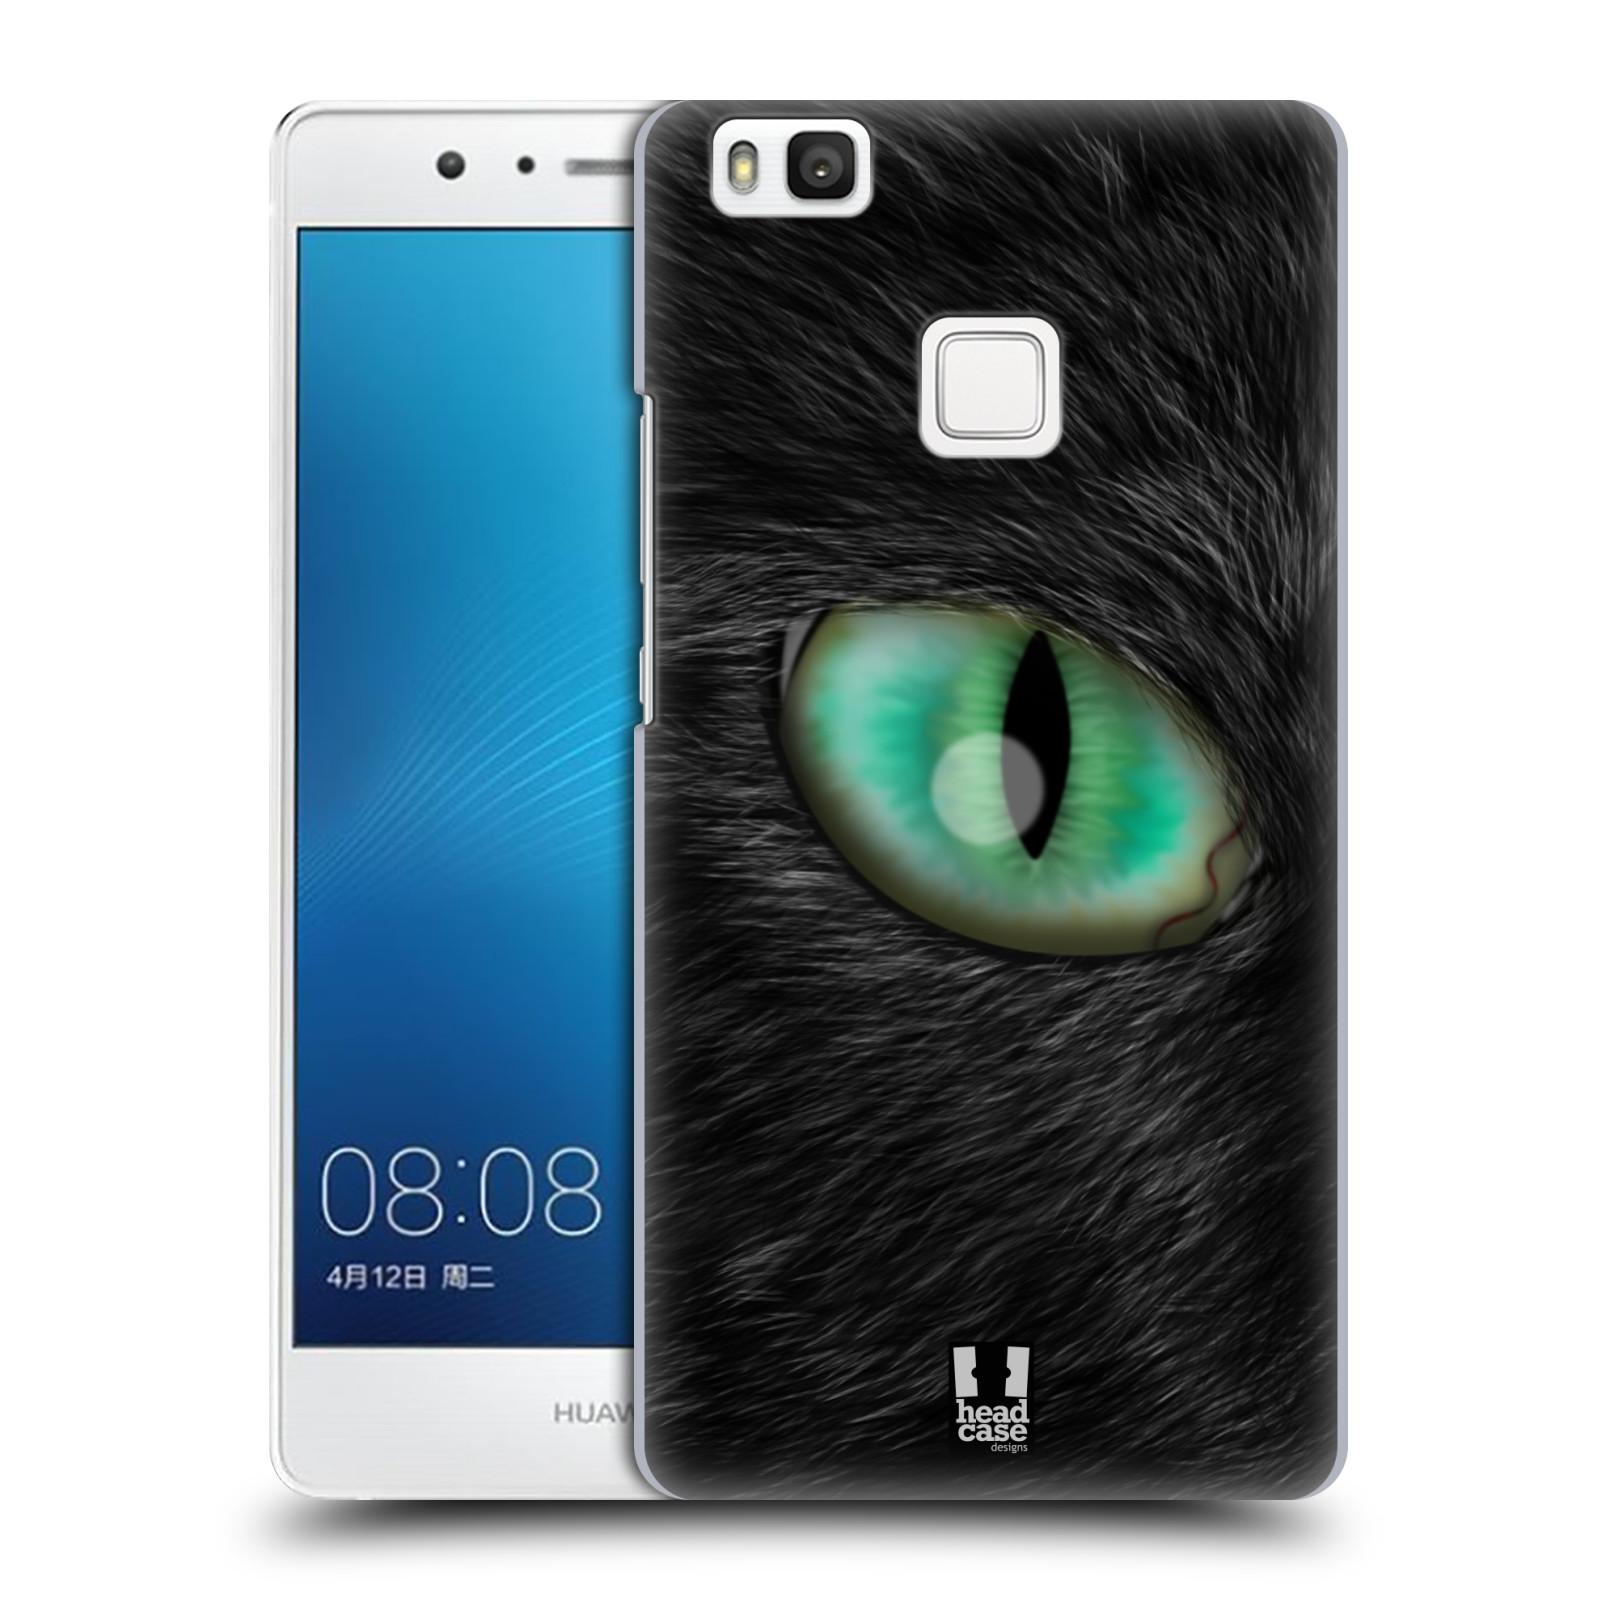 HEAD CASE plastový obal na mobil Huawei P9 LITE / P9 LITE DUAL SIM vzor pohled zvířete oko kočka